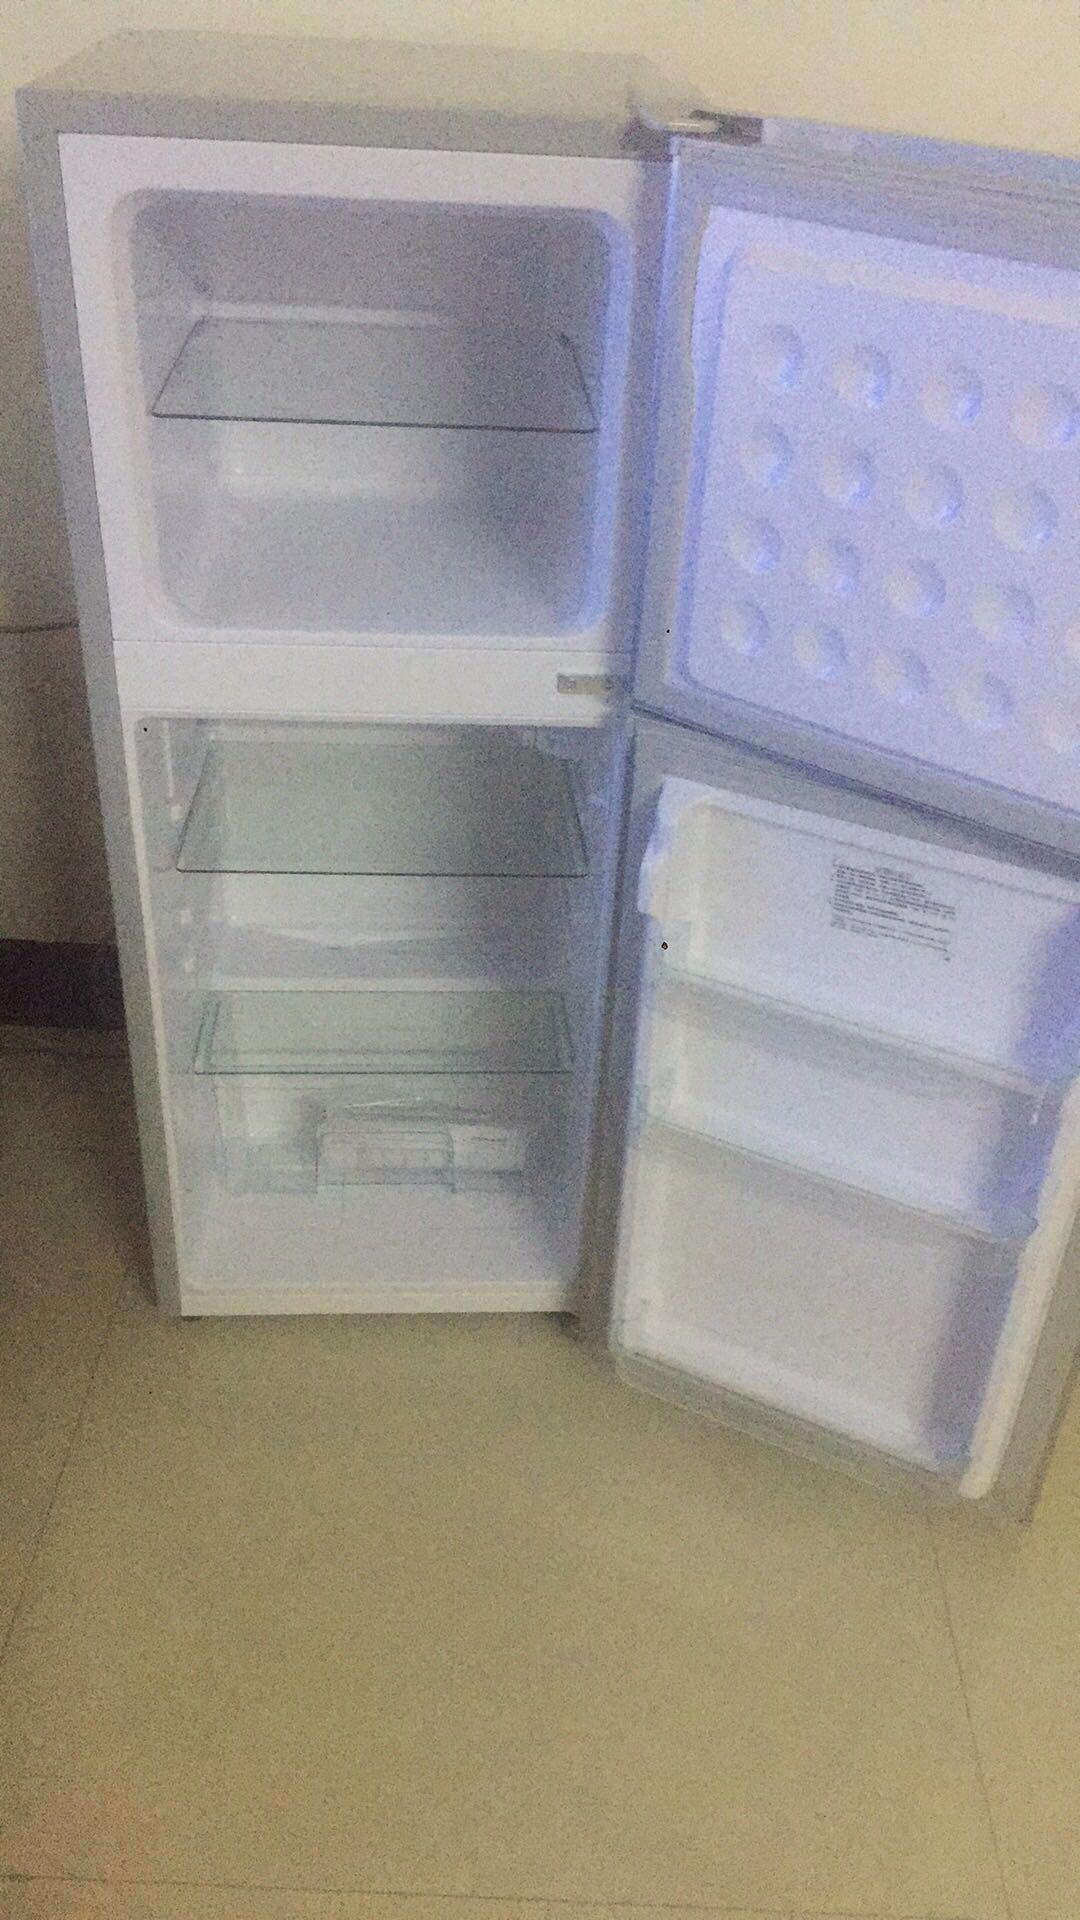 sale clothes dryer 0027344 wholesale